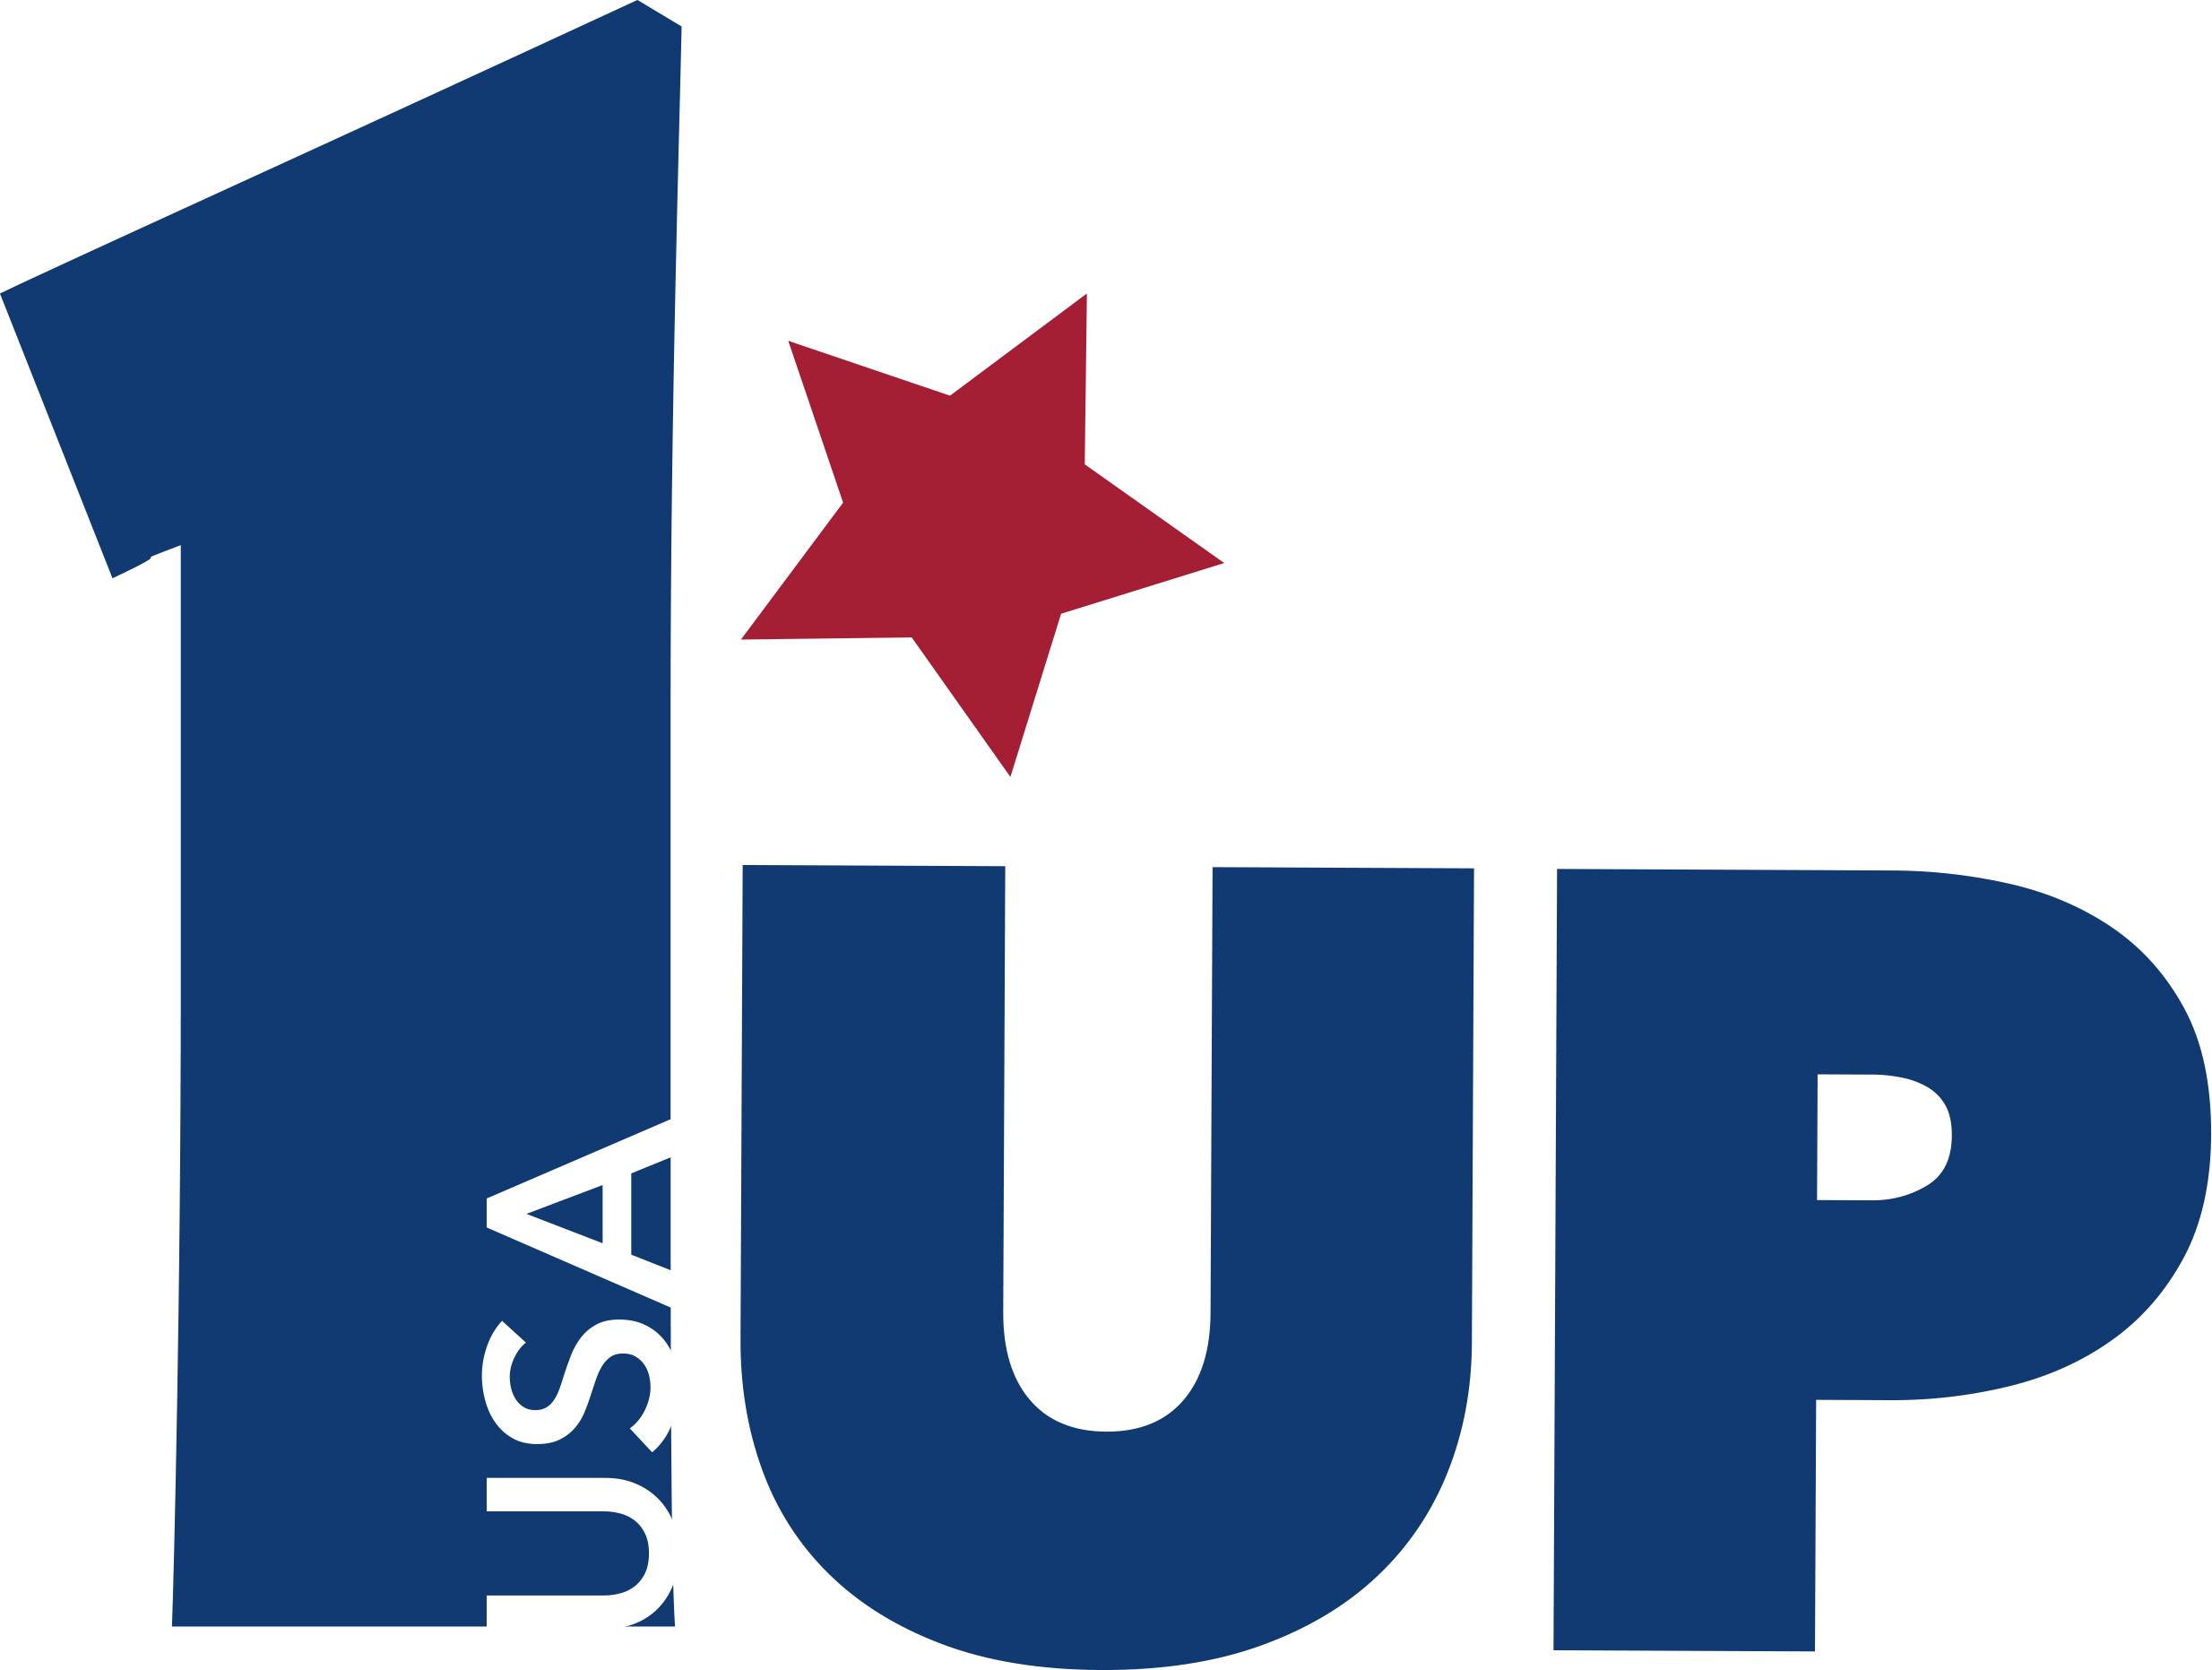 1UP USA.com